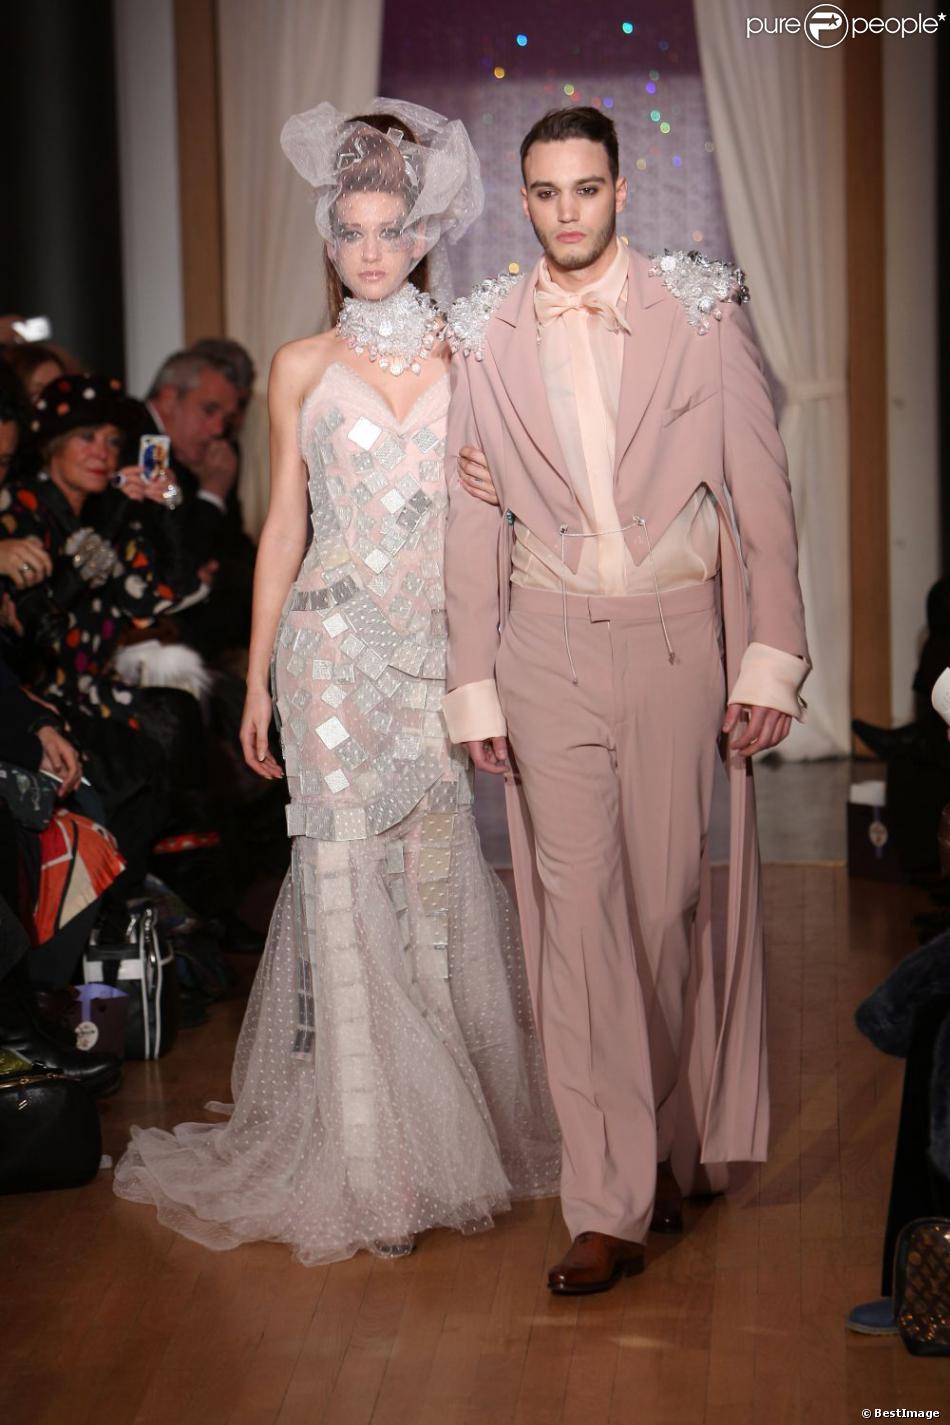 Le beau Julien de Secret Story 6 défile pour la collection Haute Couture printemps-été du couturier Eric Tibusch à l'hôtel d'Evreux in Paris, le 21 janvier 2013